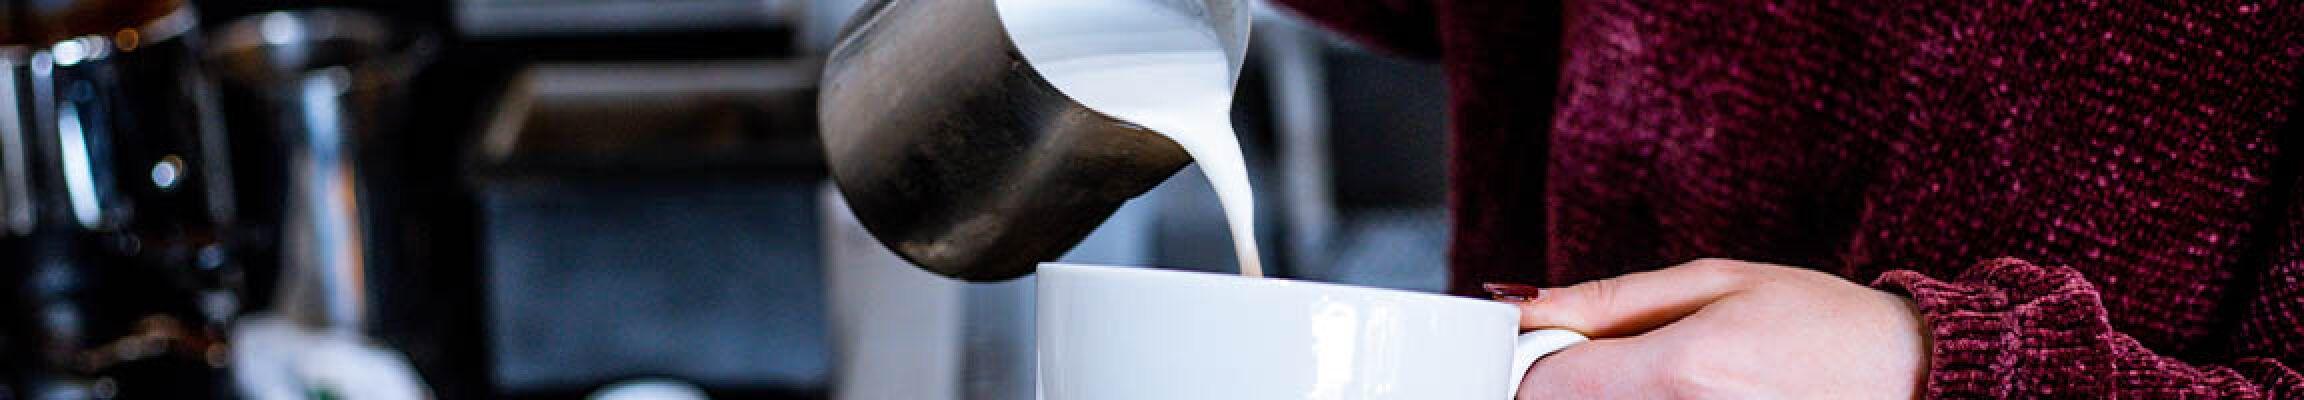 Milchkonsum und die Erhöhung des IGF-1 Wertes